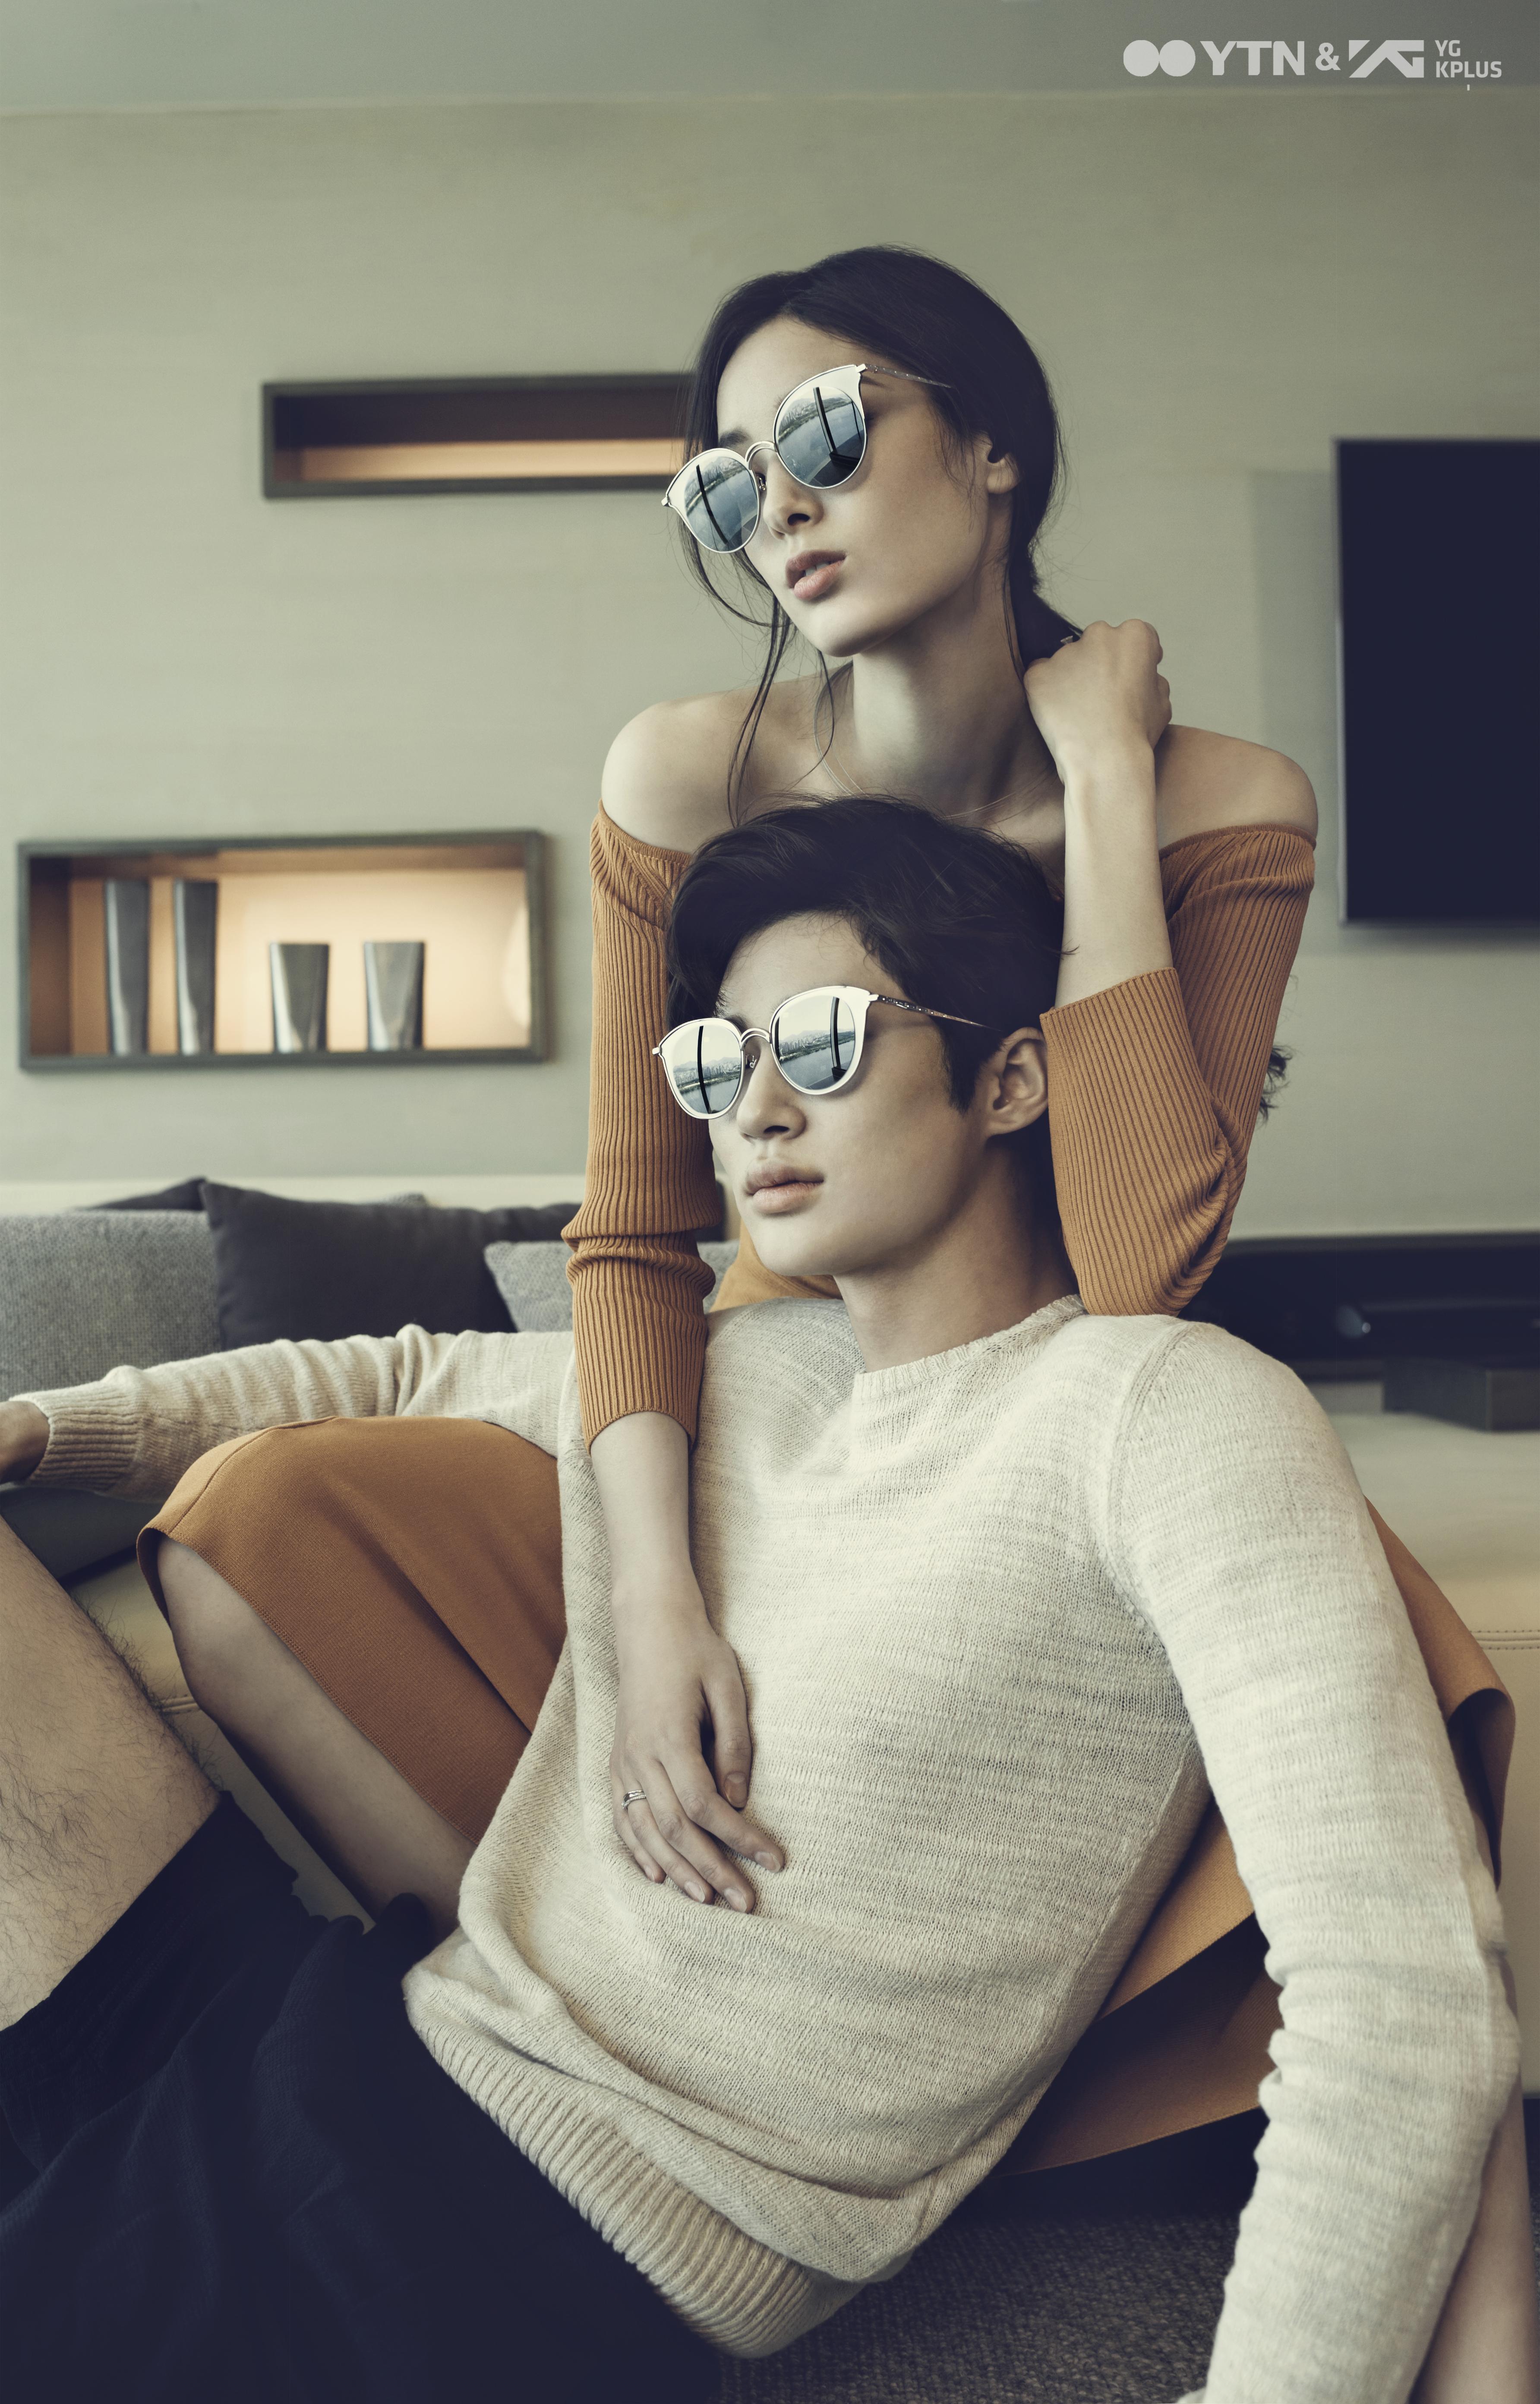 렌즈 속 미묘한 긴장감, 로맨스를 부르는 선글라스!